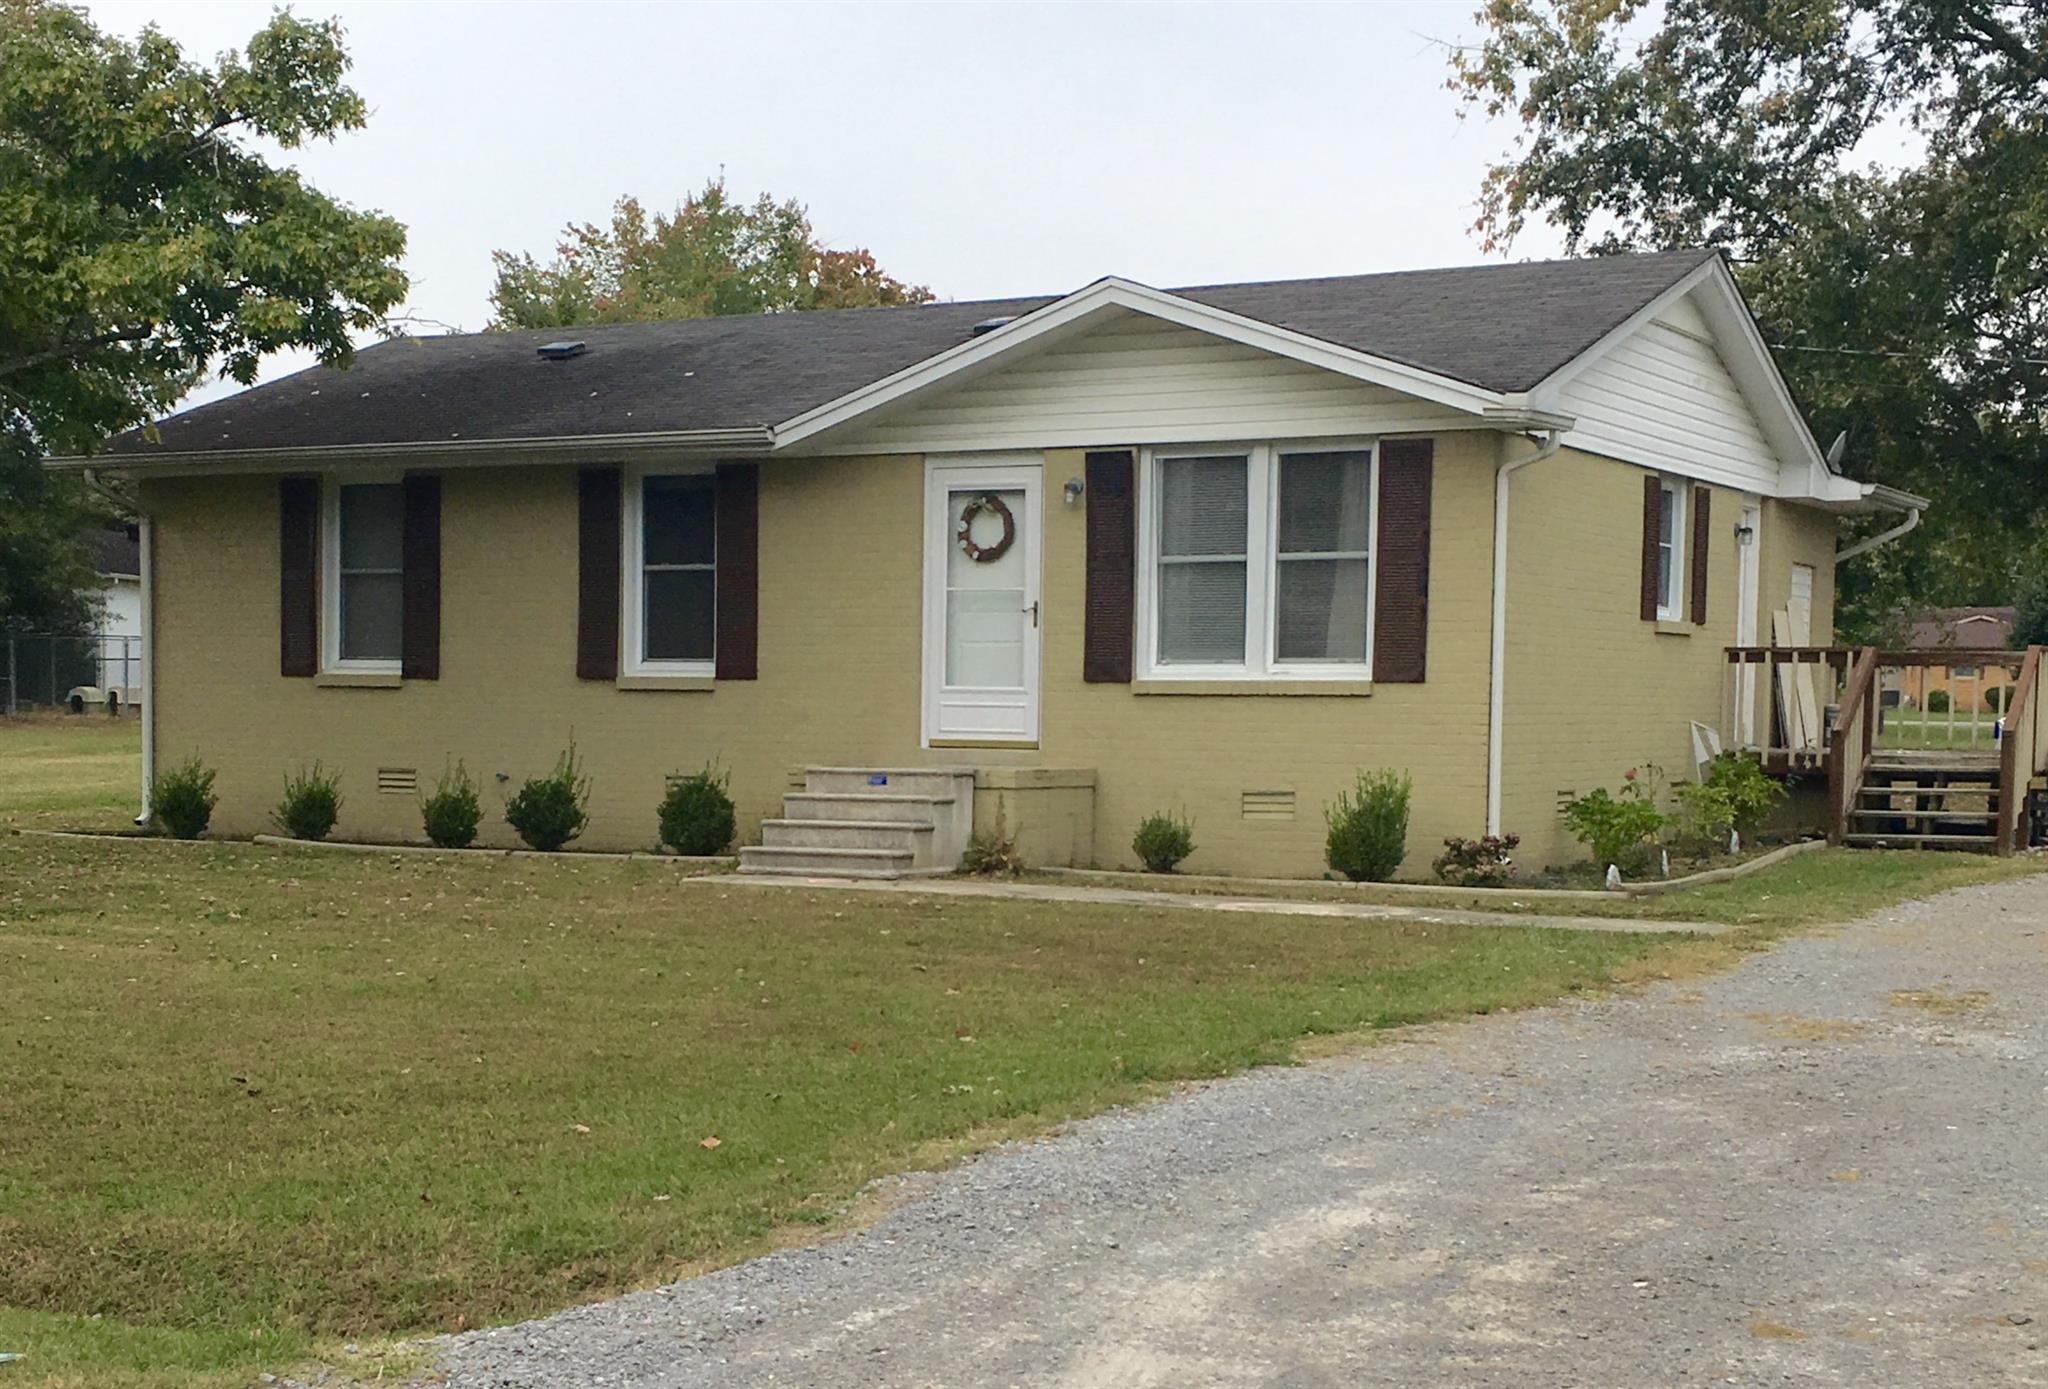 827 Je Evins Ave, Smithville, TN 37166